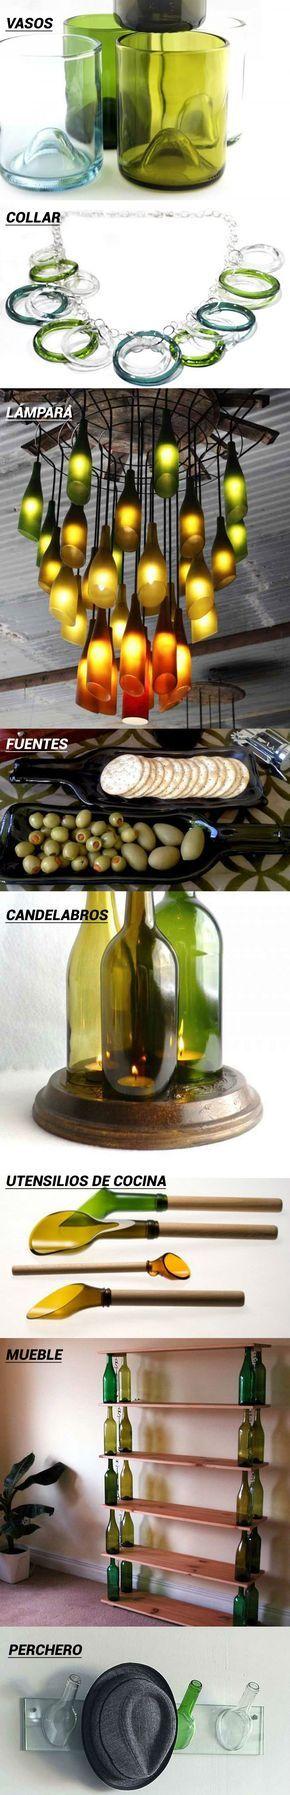 8 ideas para reutilizar las botellas de vino usadas https://www.vinetur.com/2014121217696/8-ideas-para-reutilizar-las-botellas-de-vino-usadas.html